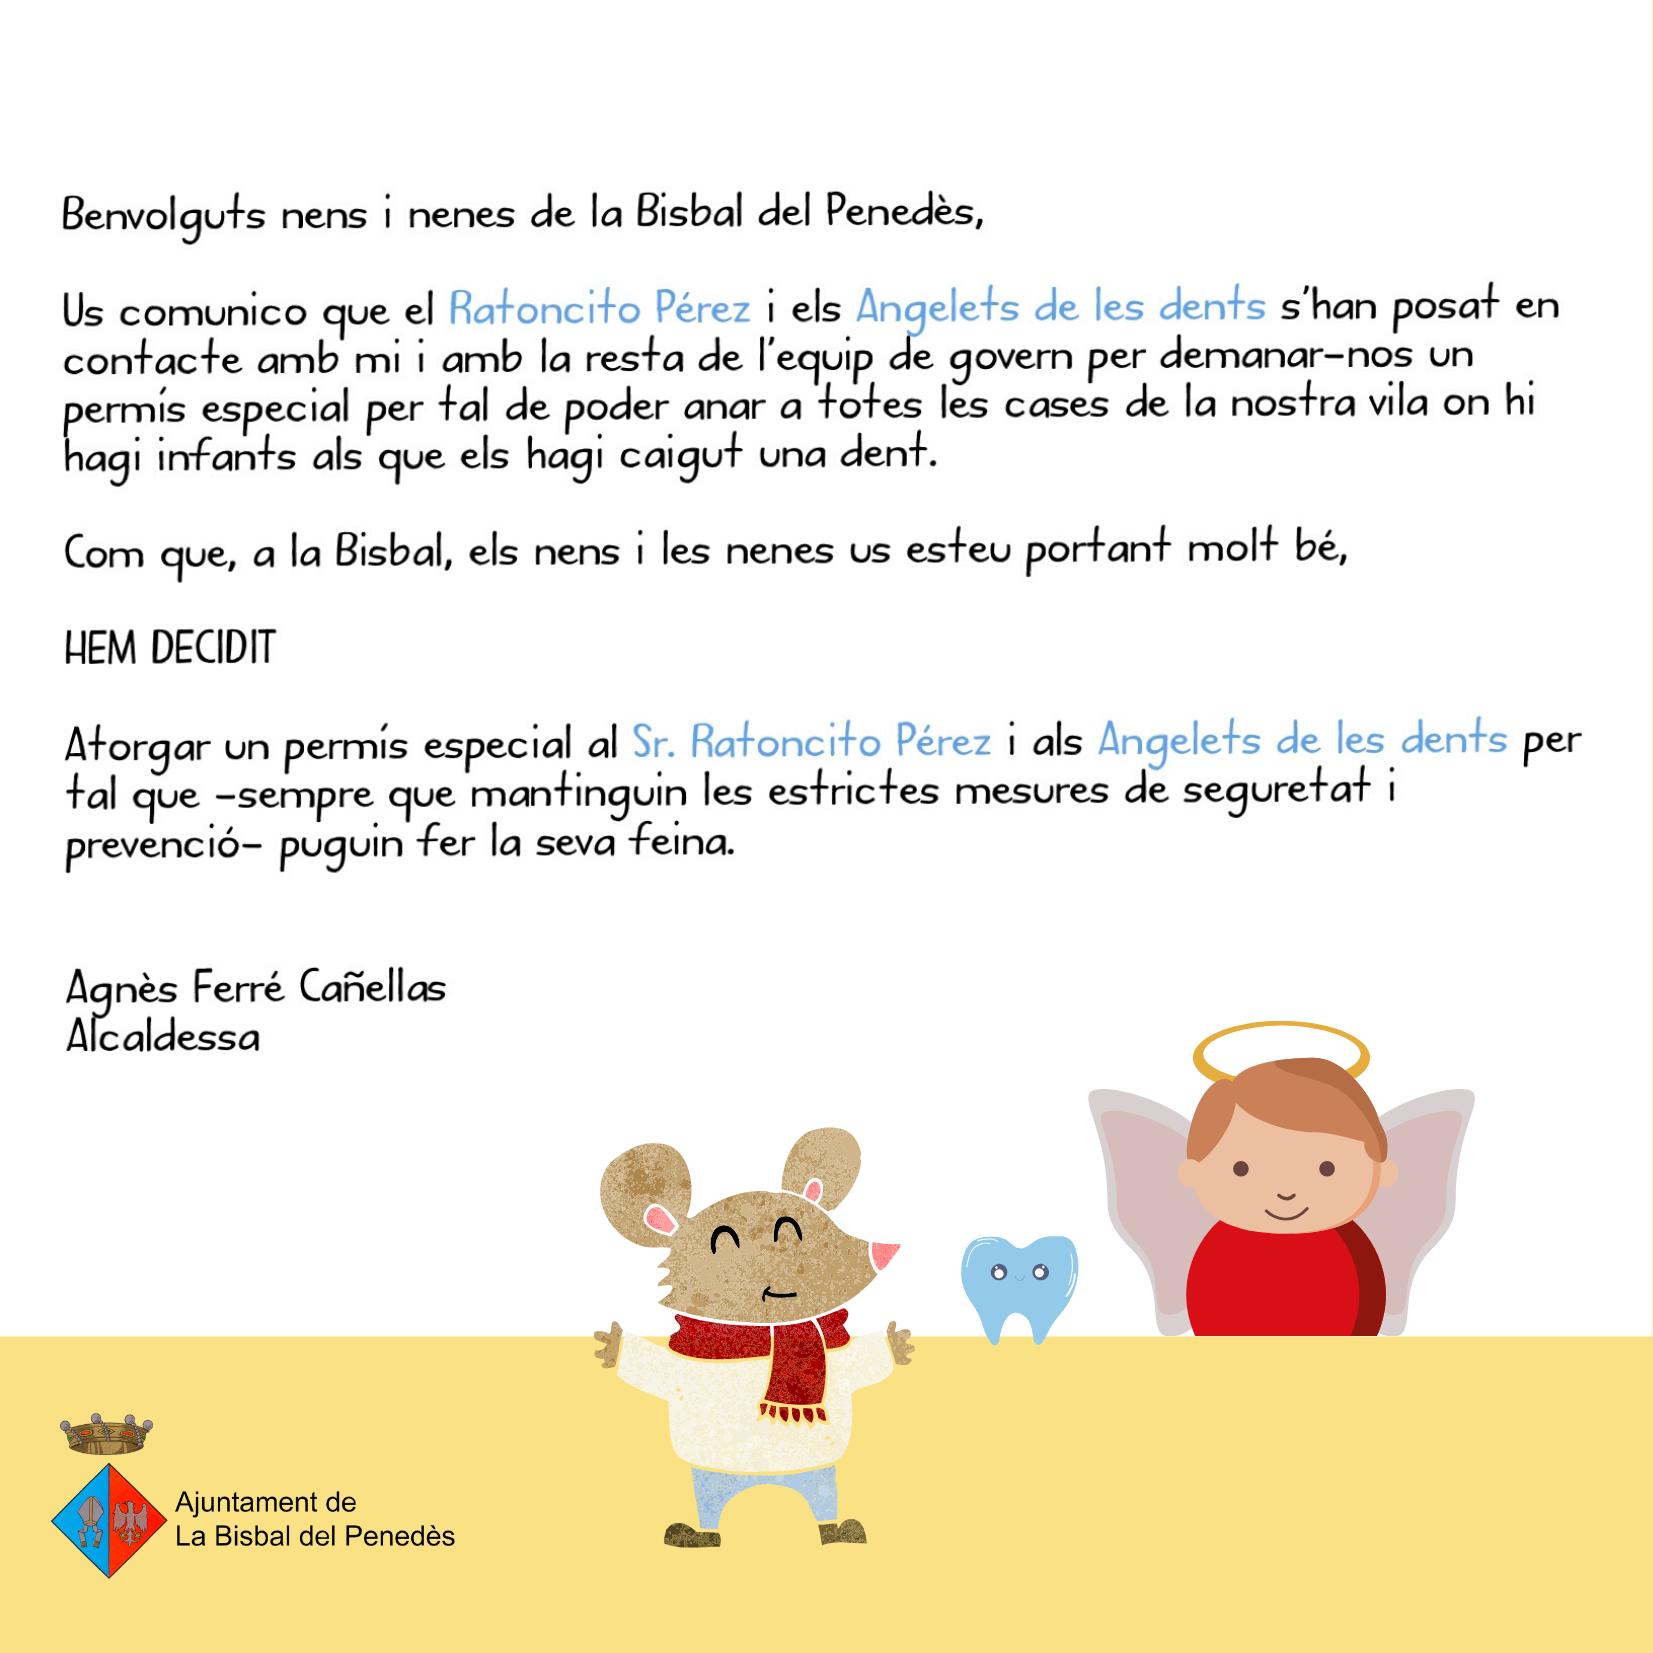 L'alcaldessa Agnès Ferré ha donat un permís especial al Ratoncito Pérez i als Angelets de les dents perquè puguin fer la seva feina